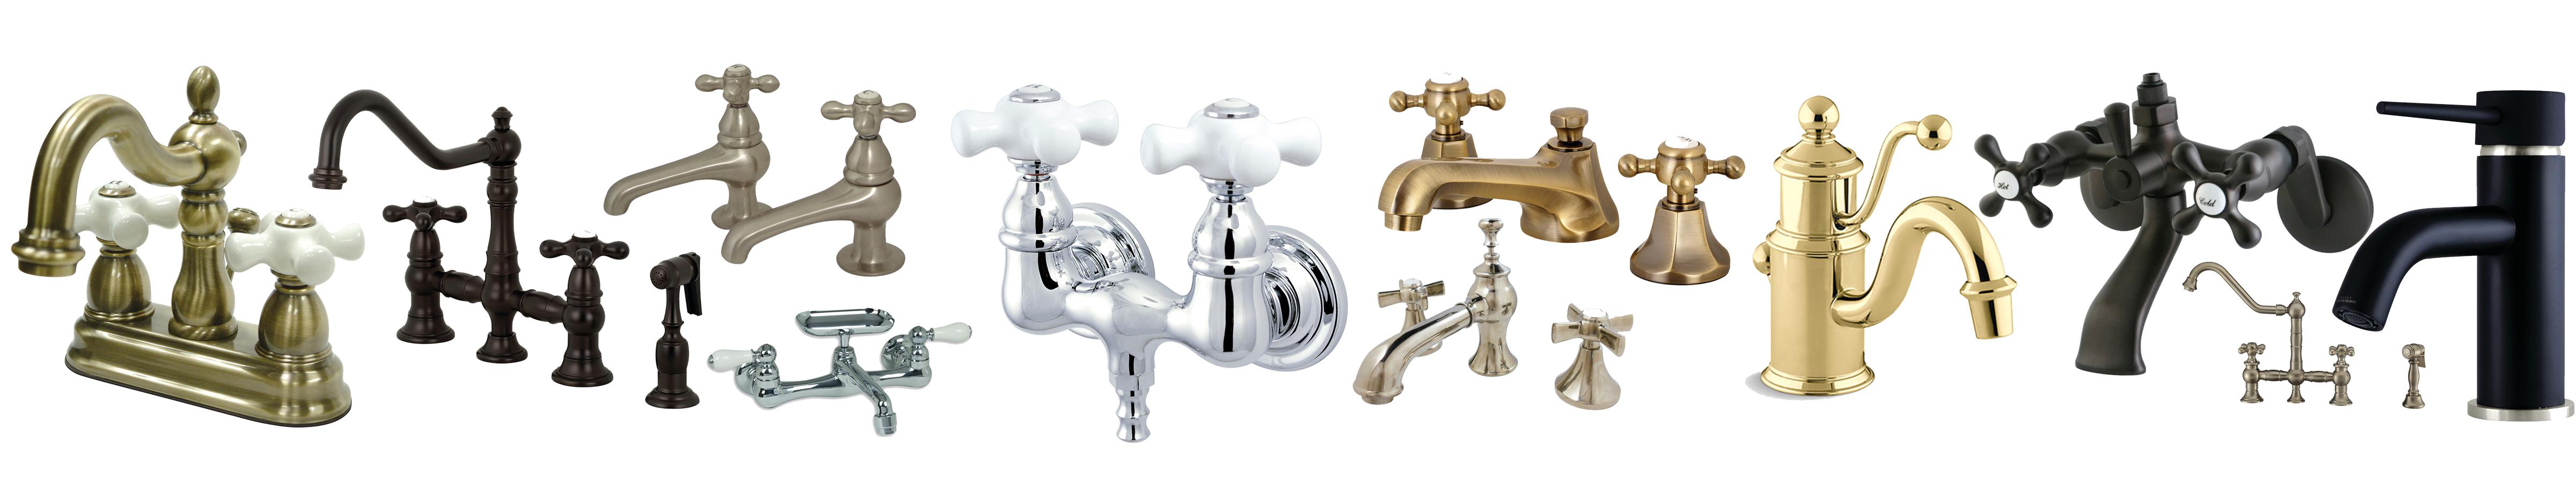 sink faucets bridge faucets